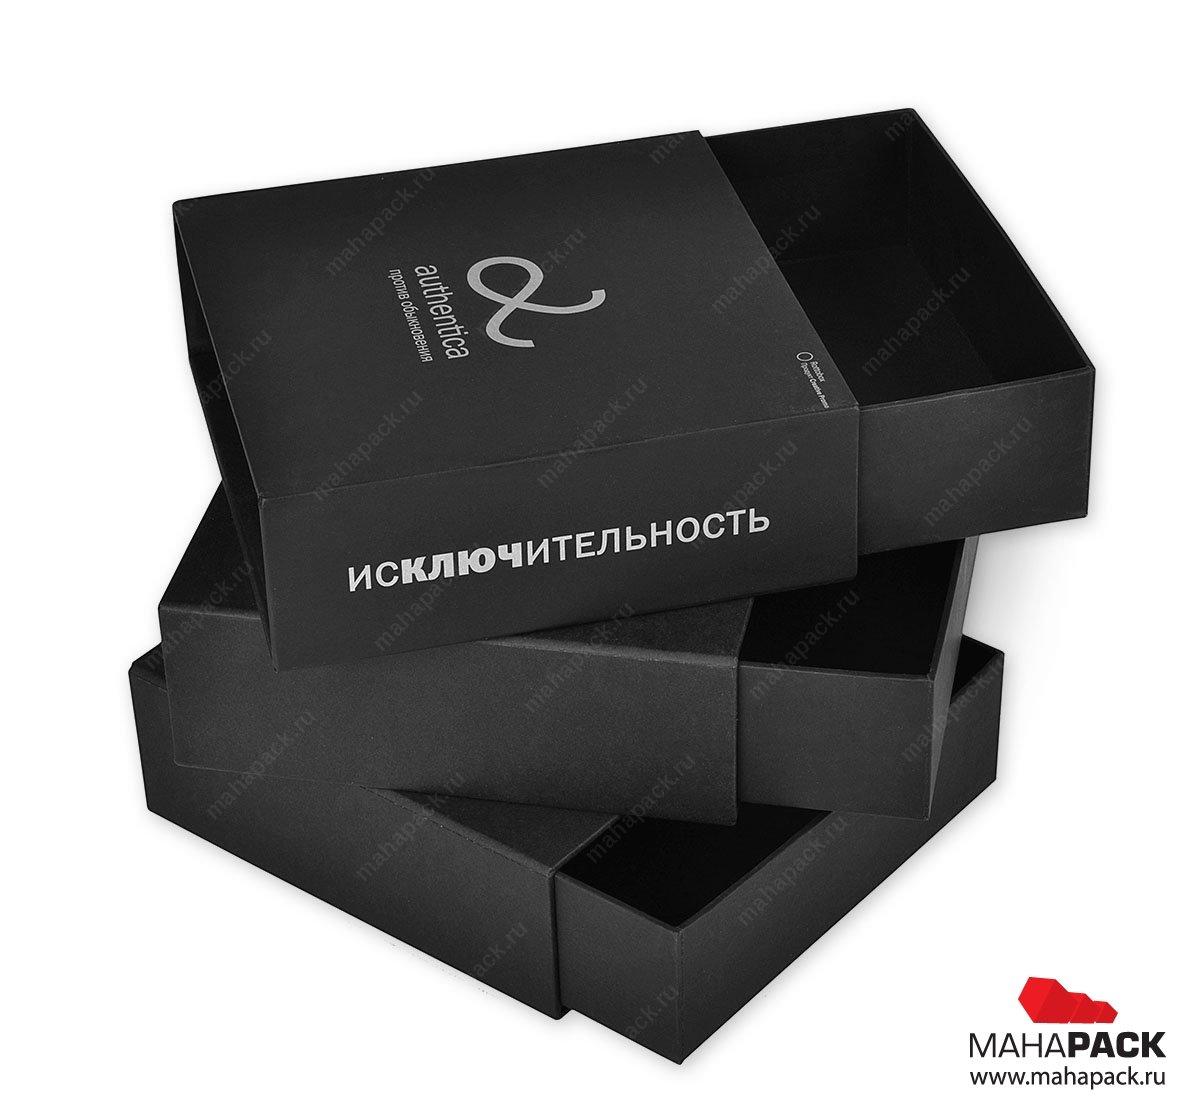 элитная подарочная упаковка - коробка трансформер трехуровневая